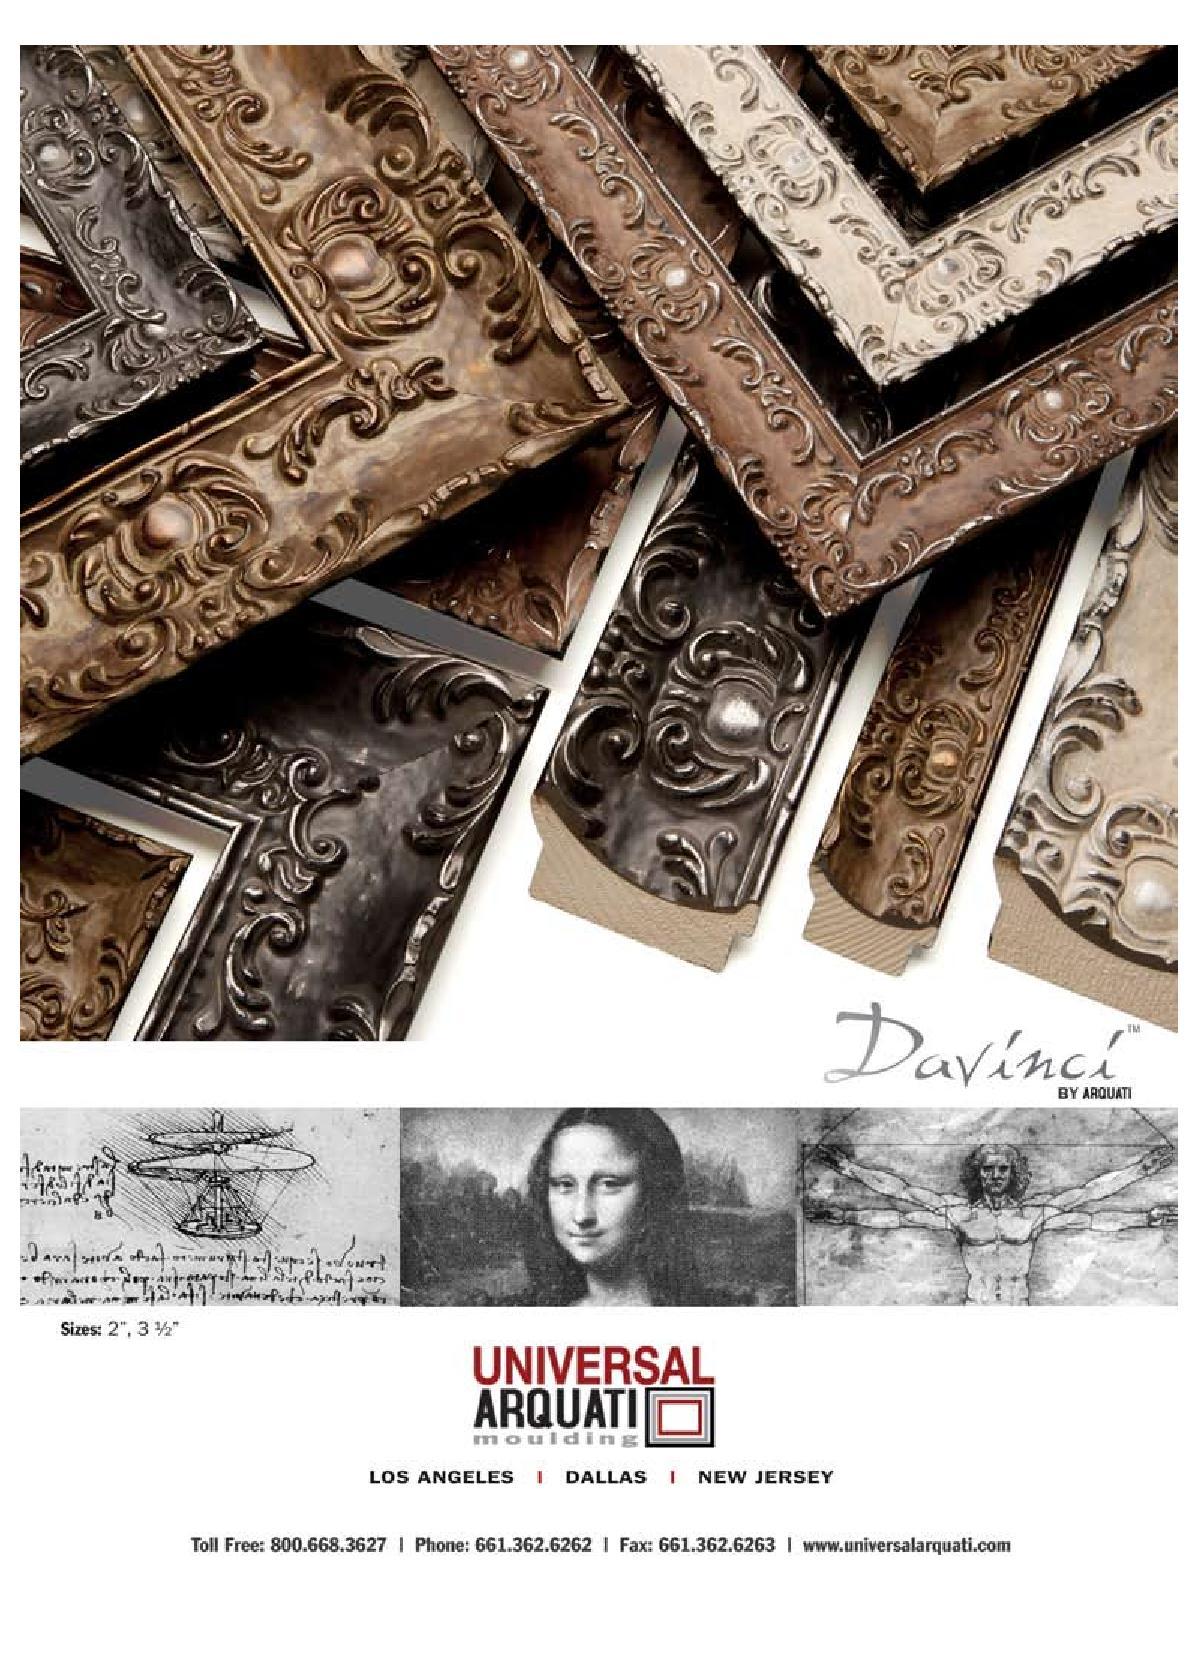 Davinci Picture Frame Moulding